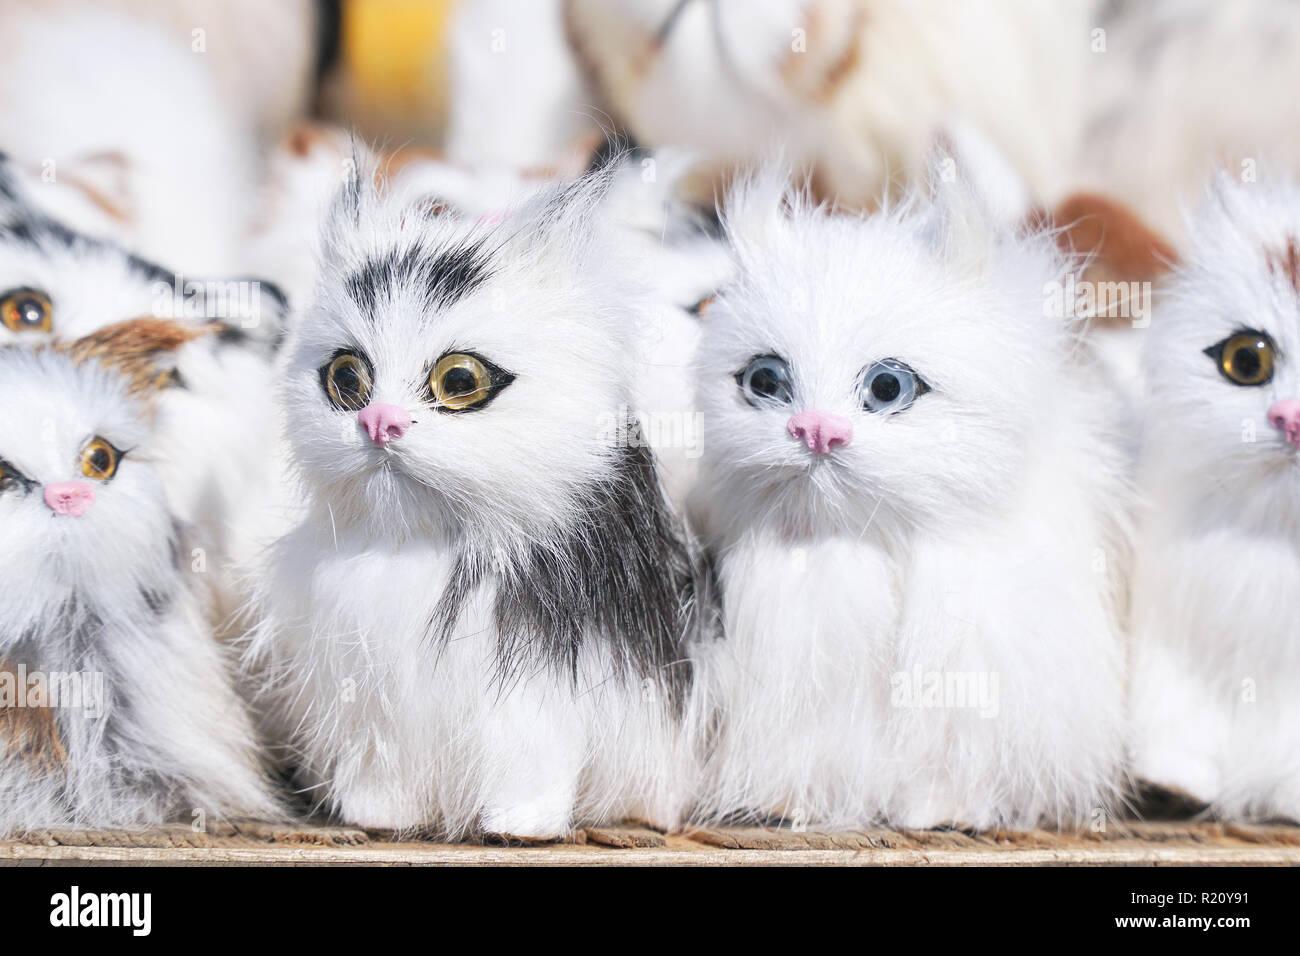 Les jouets mous chatons assis devant l'appareil photo Photo Stock